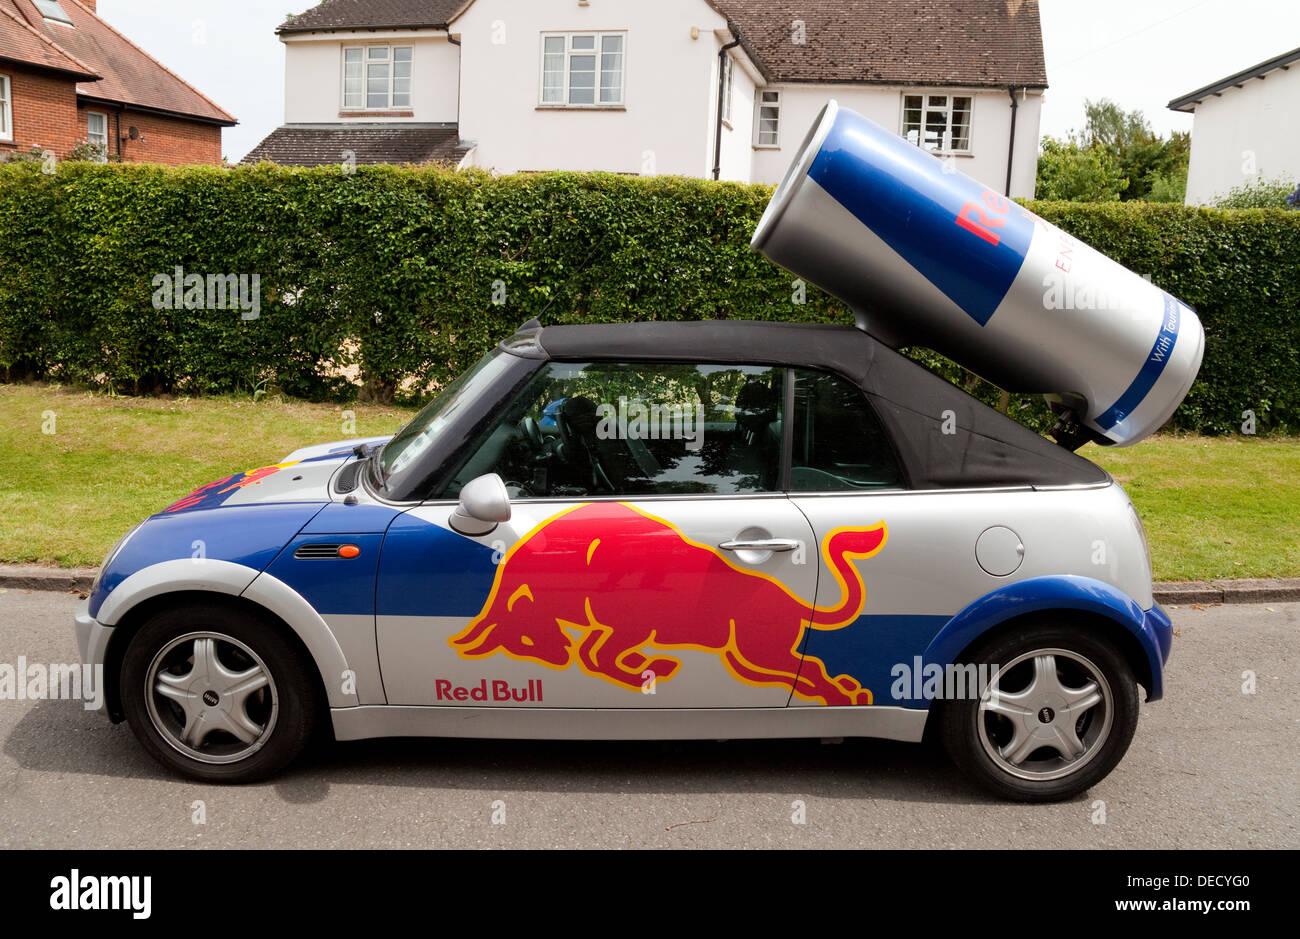 Red Bull mini coche, REINO UNIDO Imagen De Stock